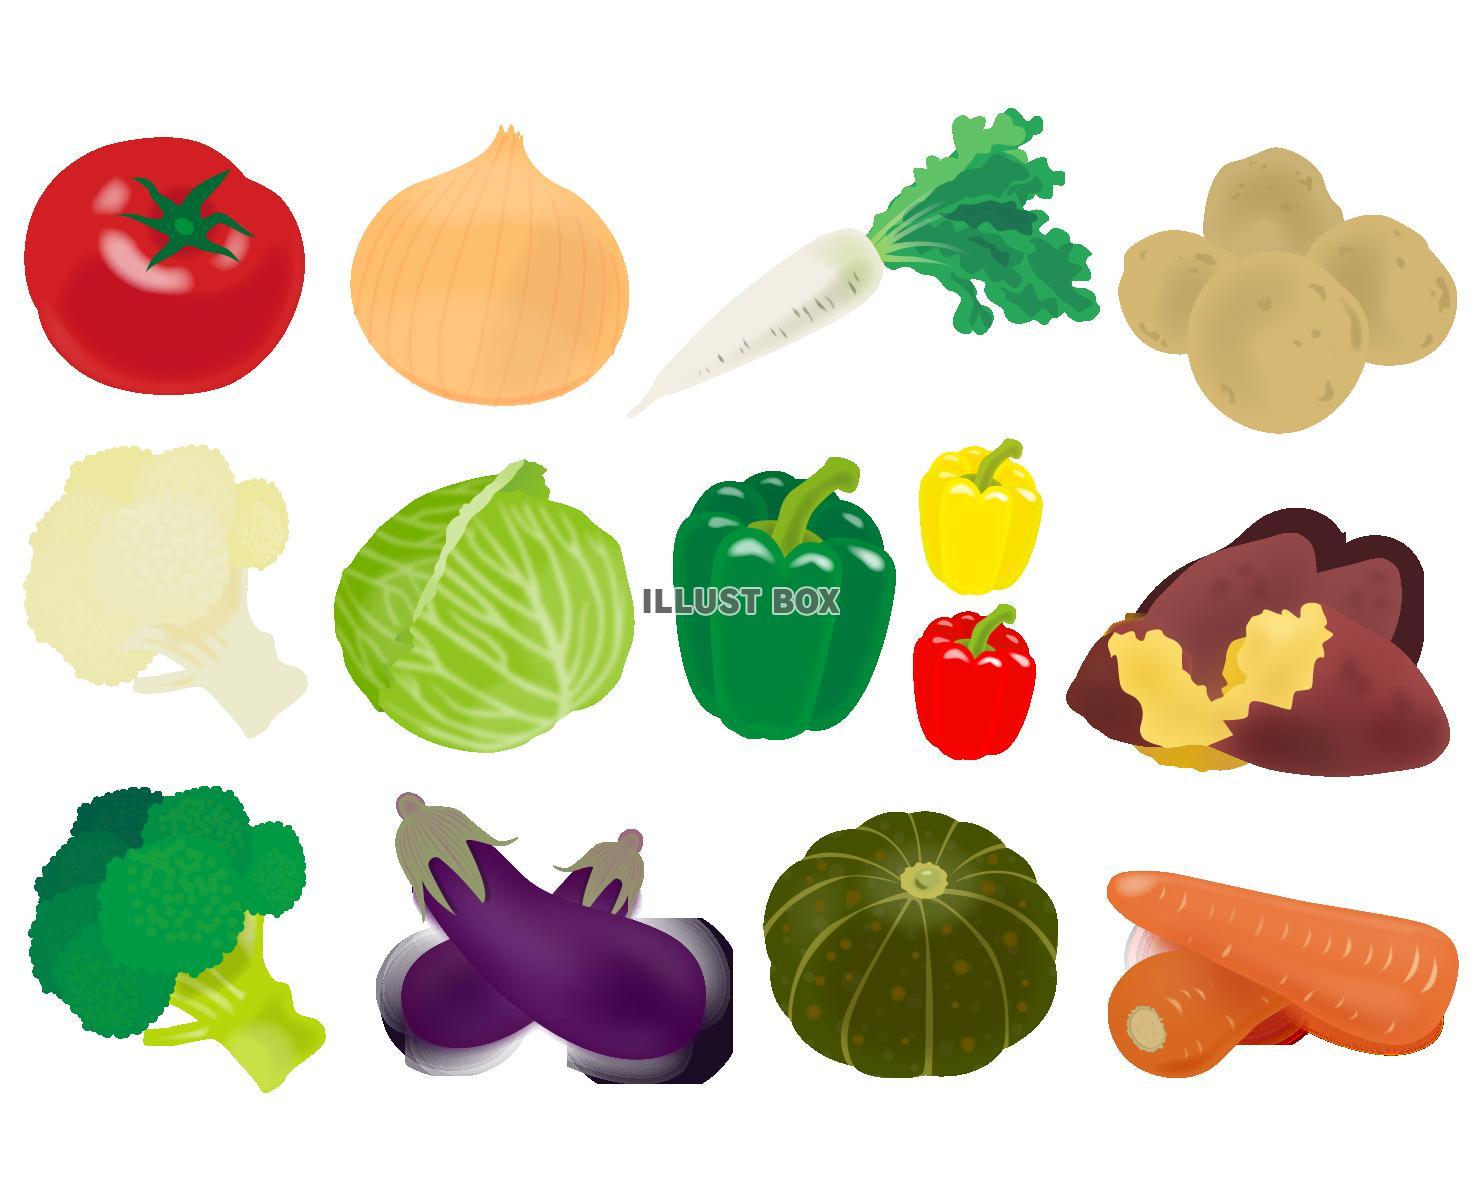 無料イラスト 野菜 イラストセット